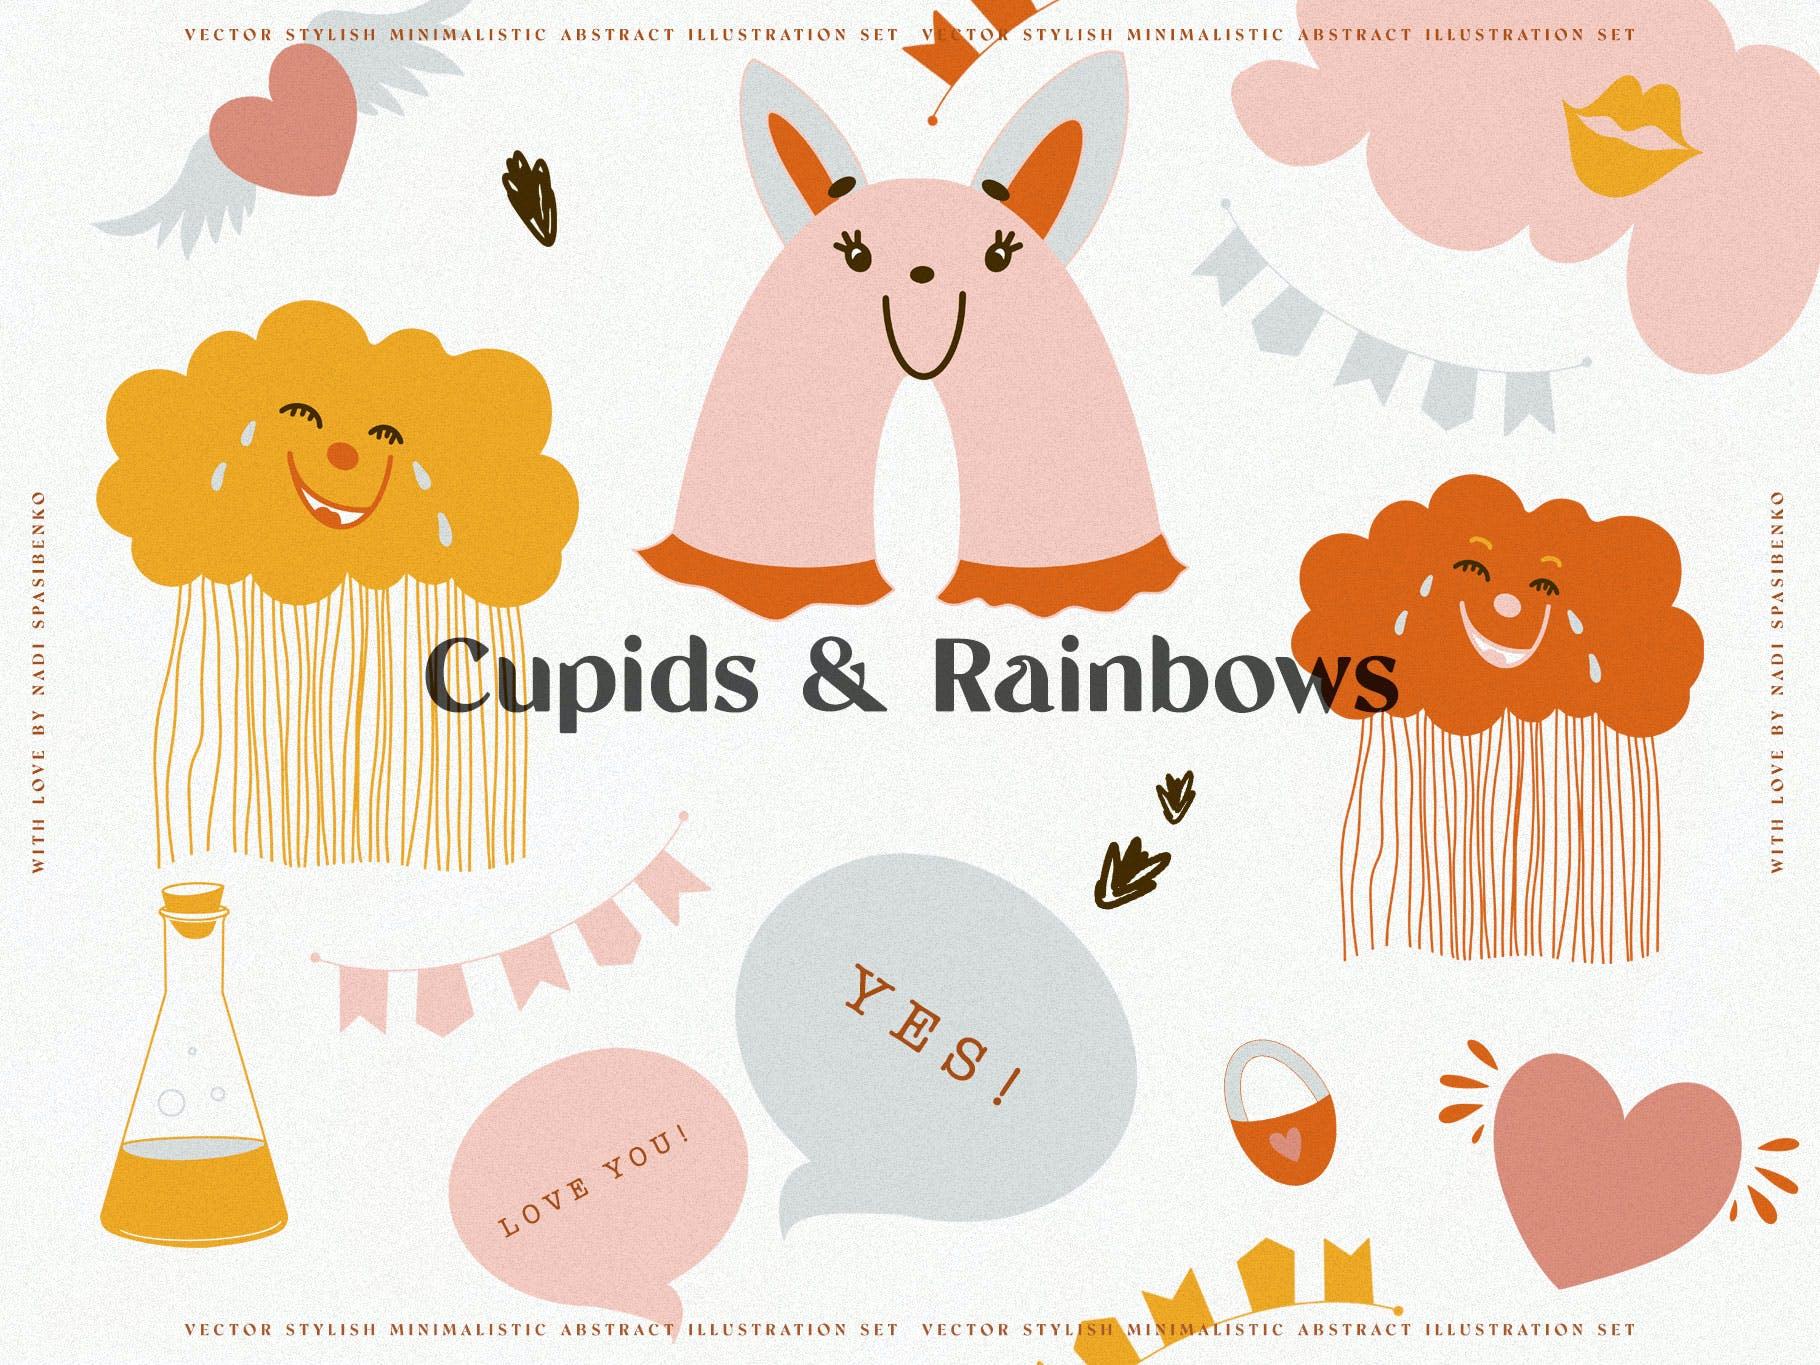 时尚抽象可爱卡通彩虹丘比特元素手绘插画矢量设计素材 Cupids & Cute Rainbows插图1